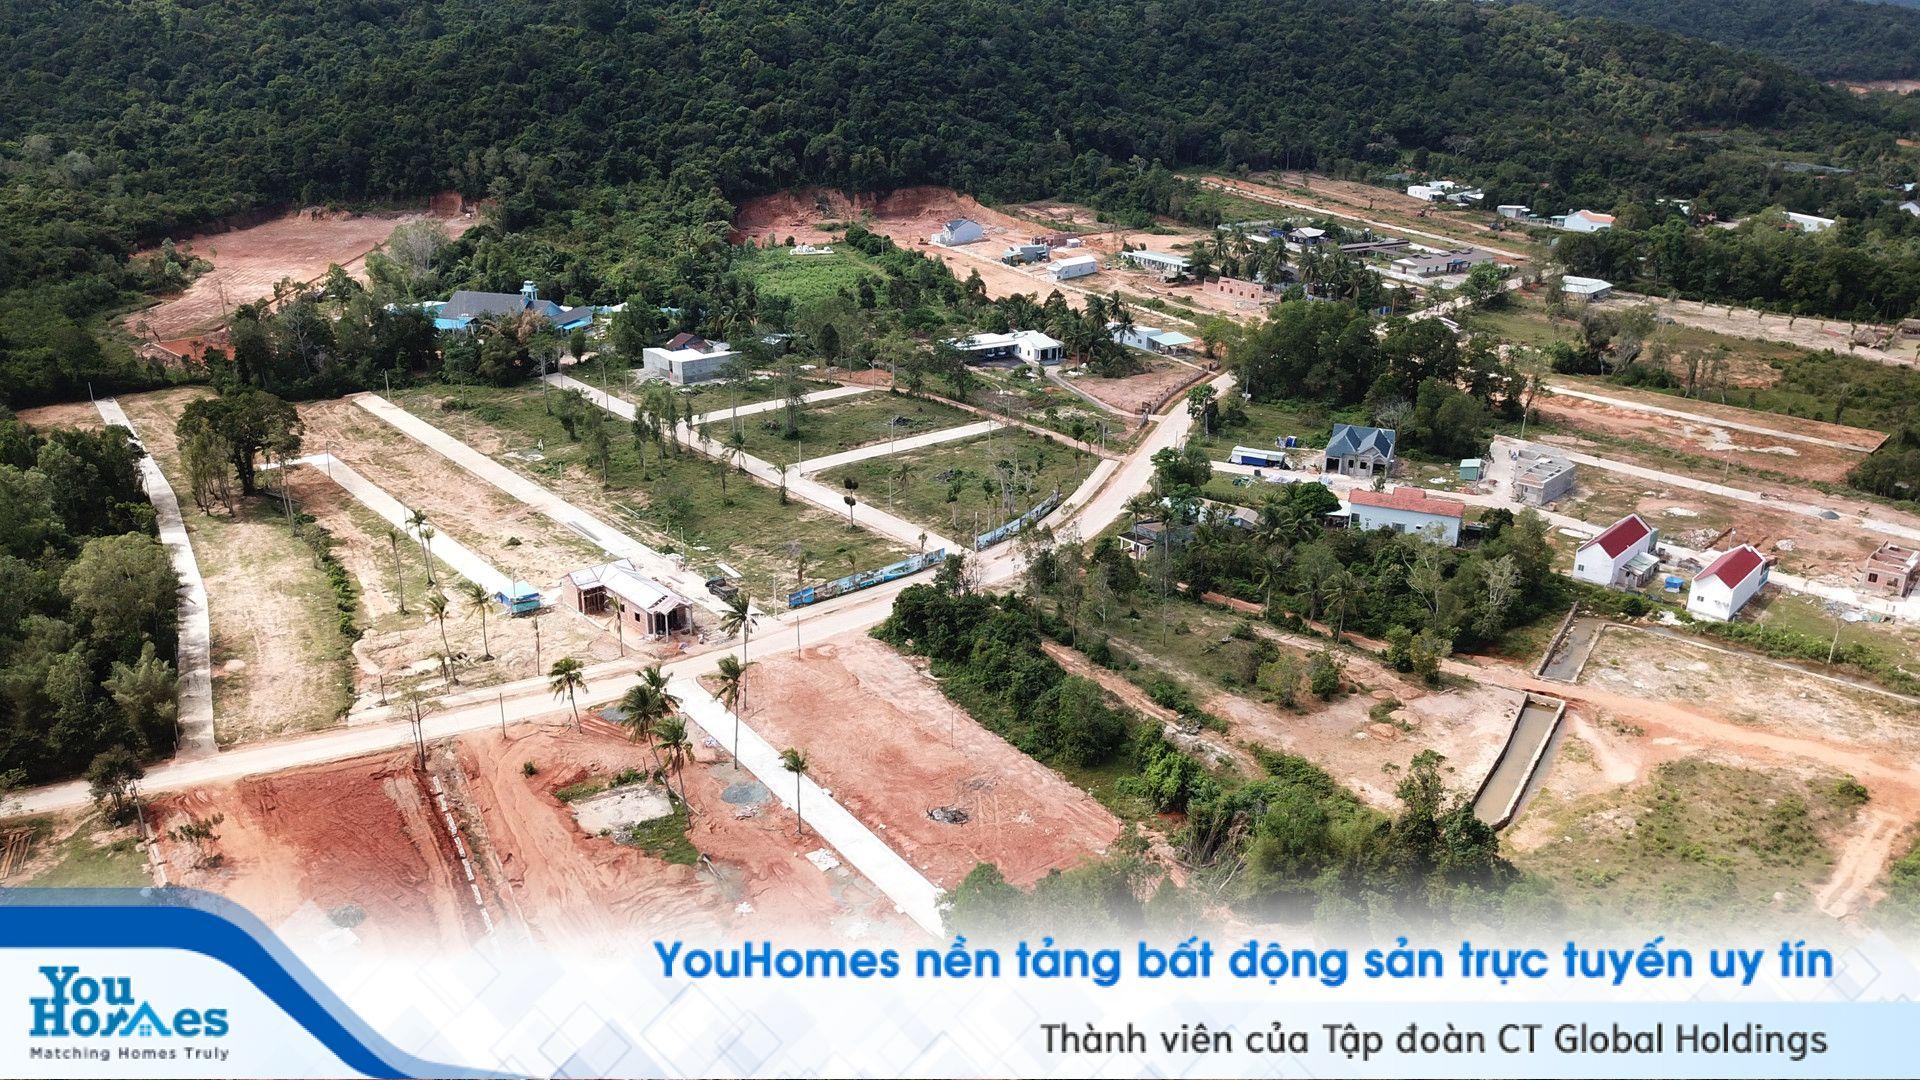 Đất nền Đà Nẵng, Phú Quốc ra sao sau khi cơ sốt hạ nhiệt?